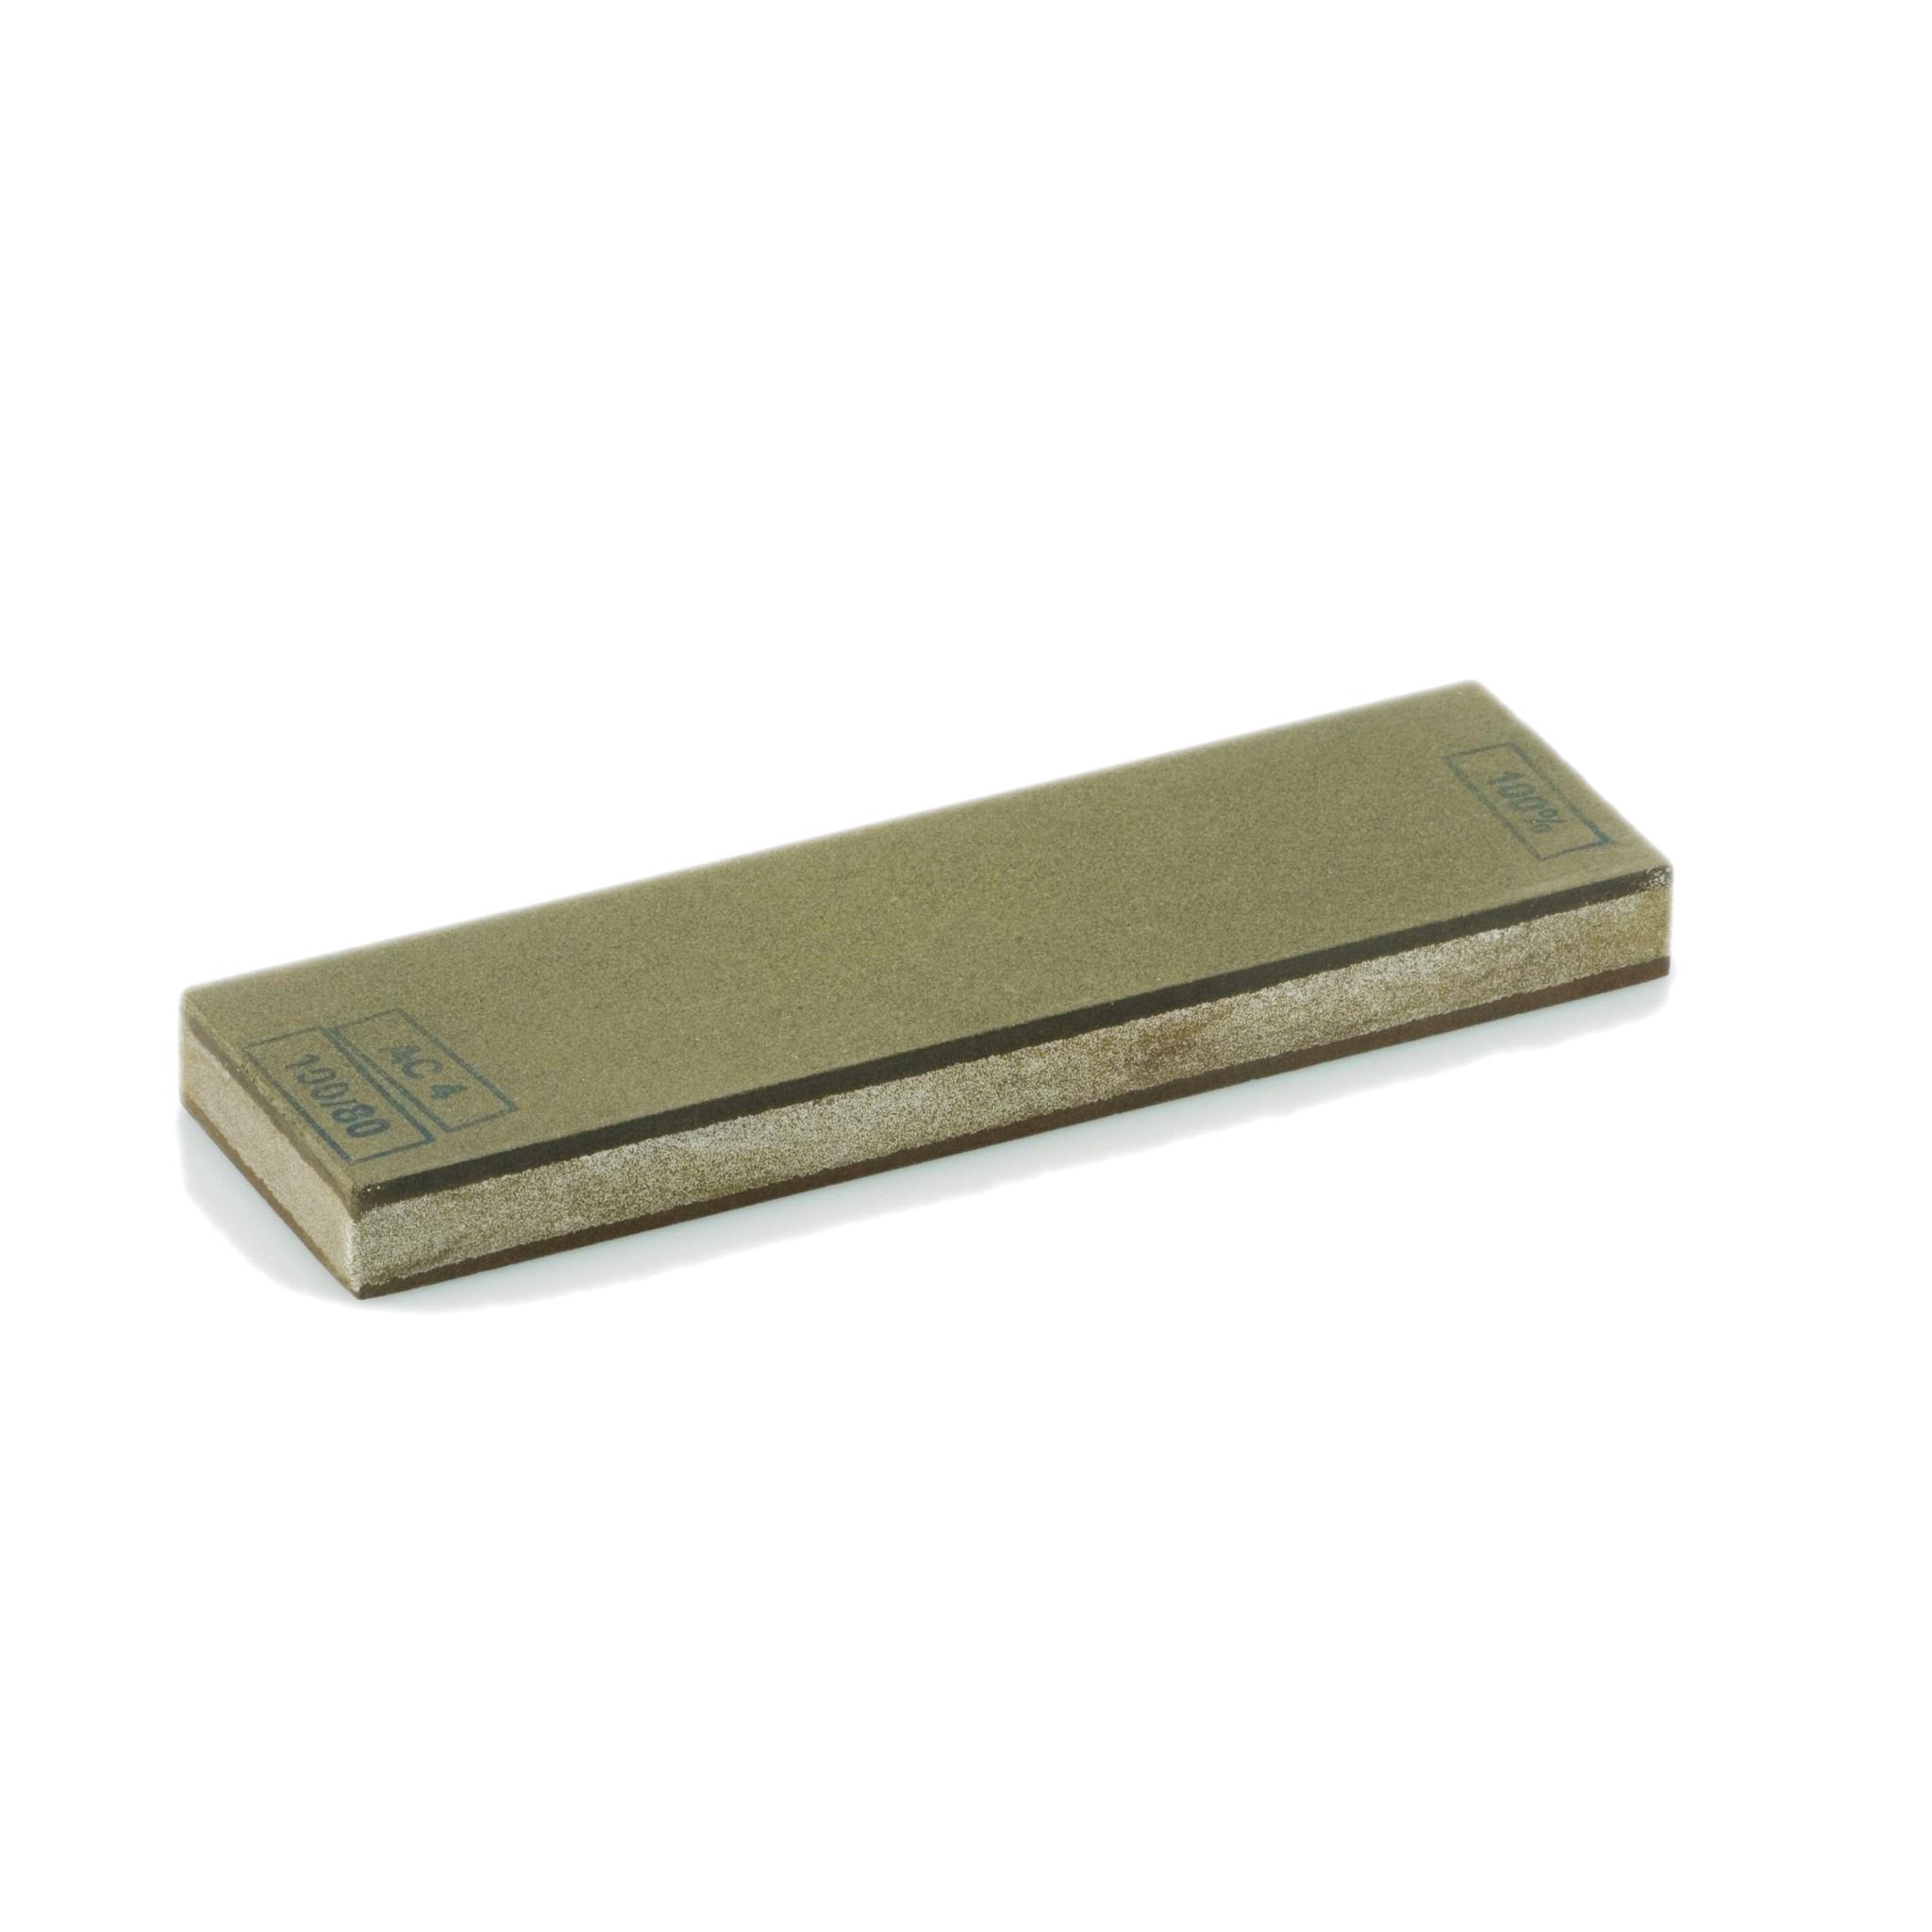 Каталог Алмазный брусок 120х35х10 200/160-160/125 25% Белый.jpg